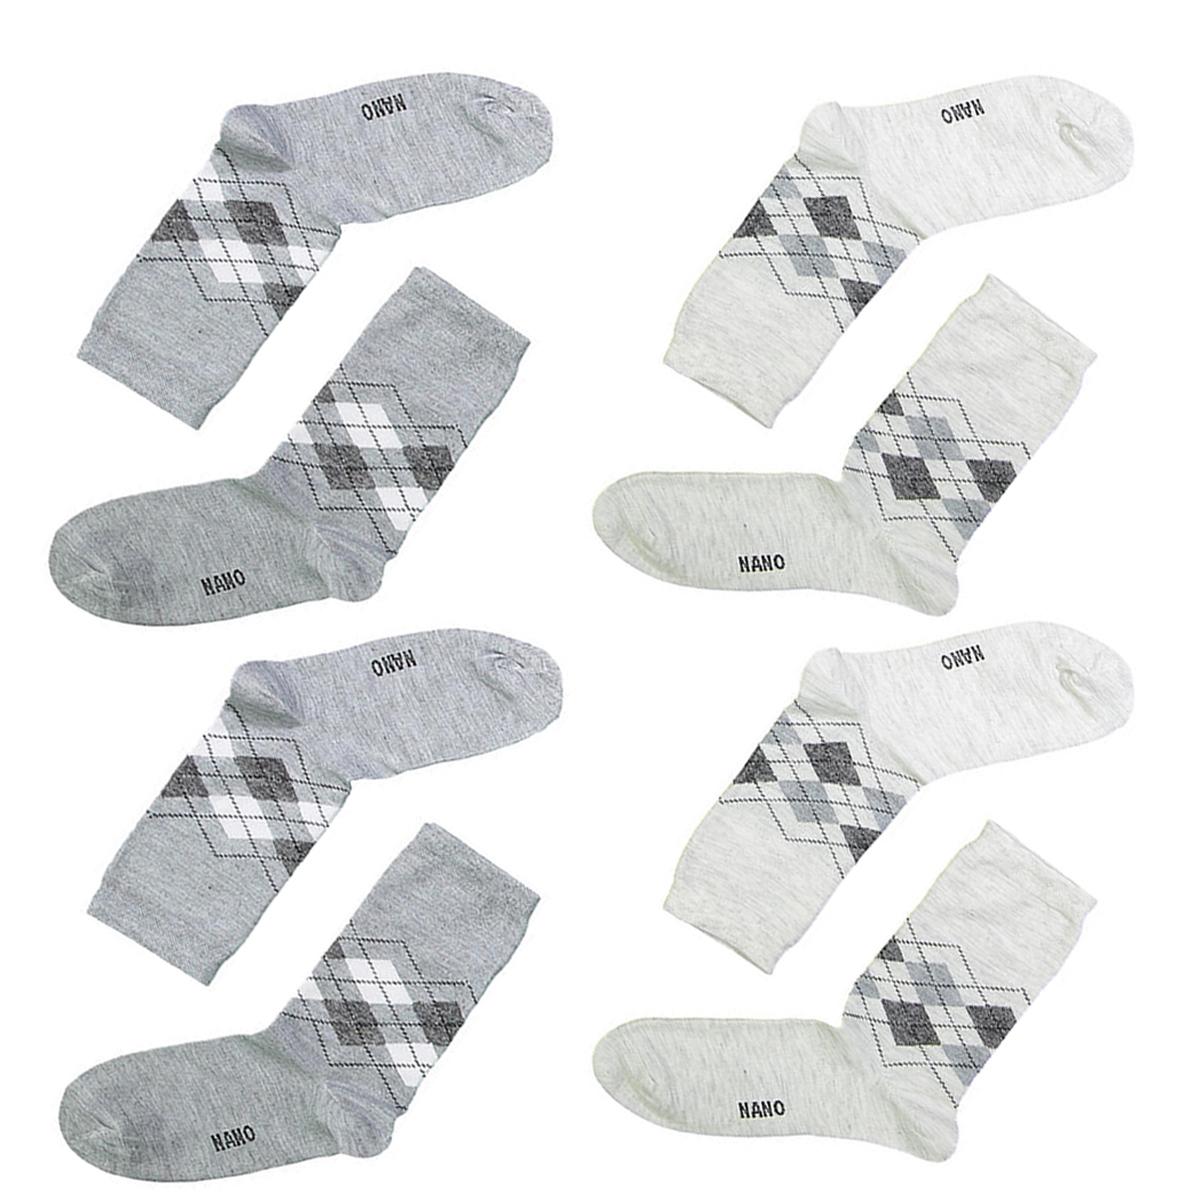 جوراب مردانه  کد G23 مجموعه 4 عددی